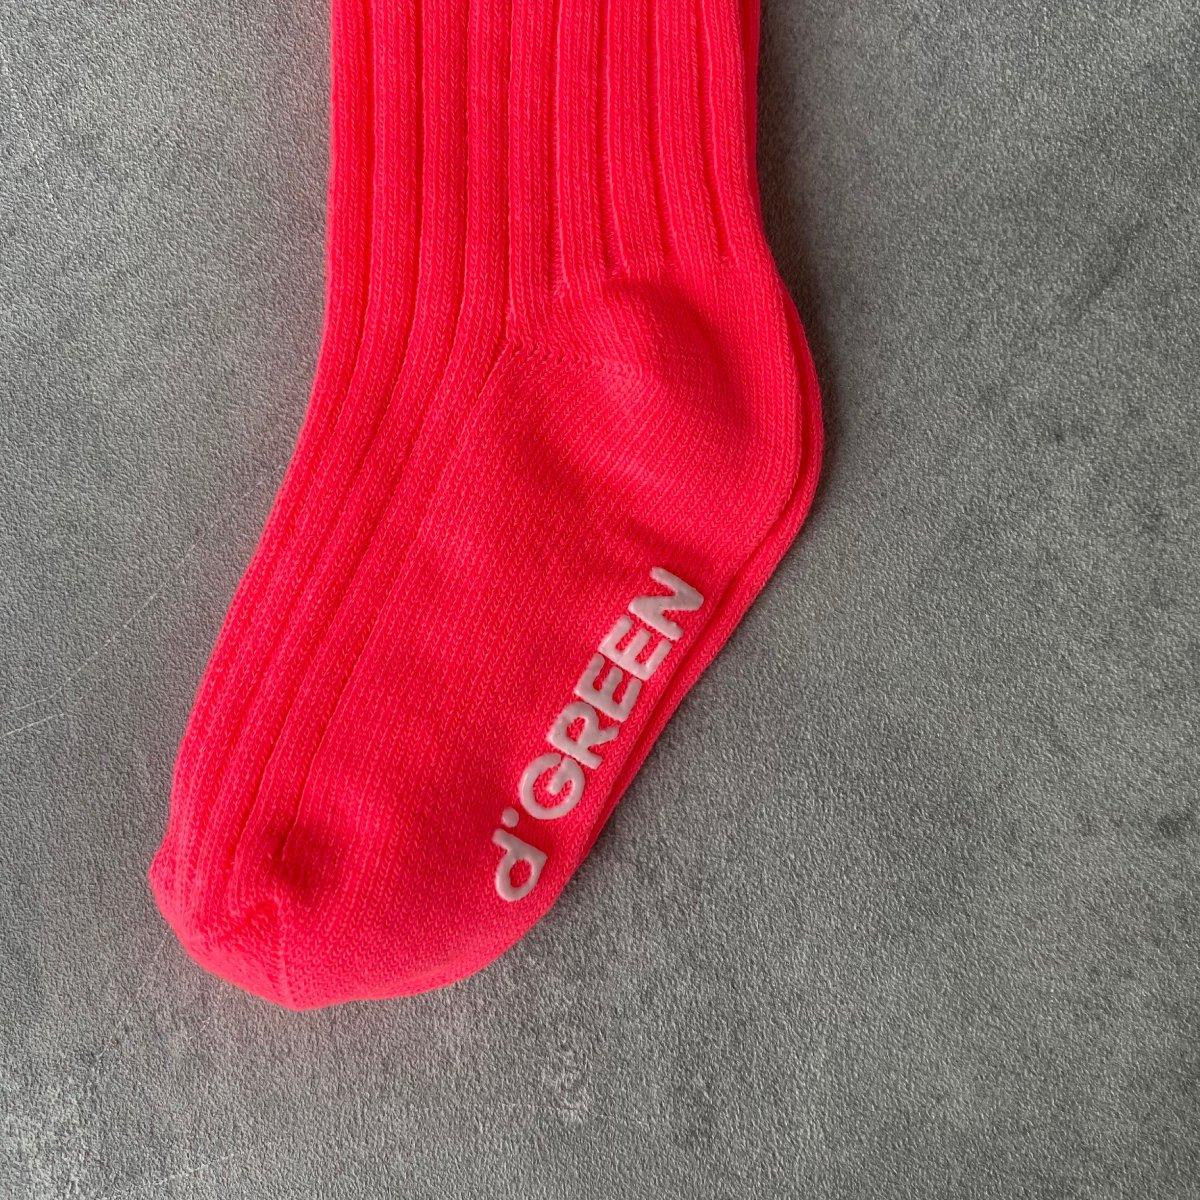 【KIDS】Neon Socks 詳細画像13